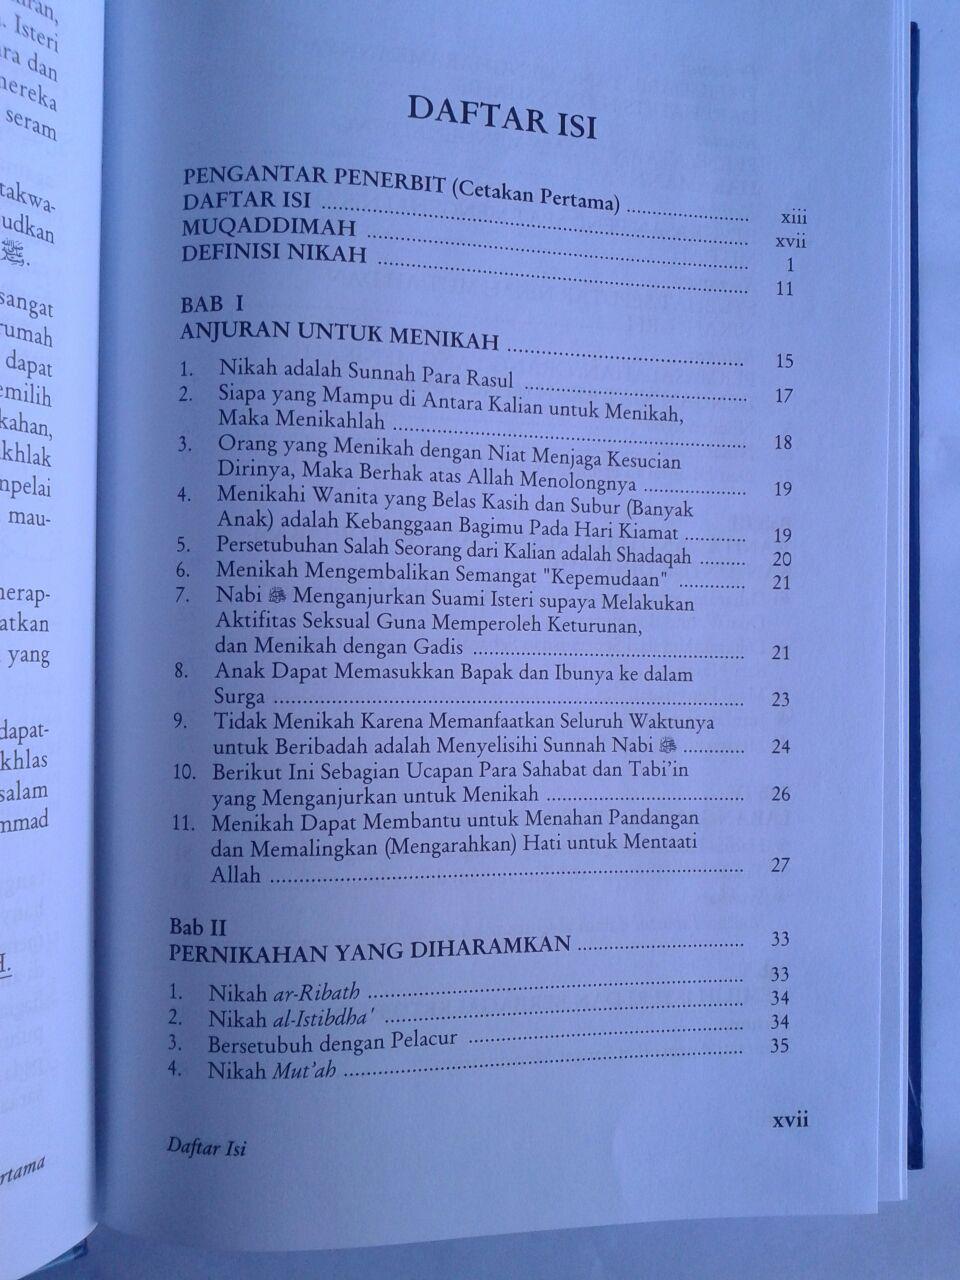 Buku Panduan Lengkap Nikah isi 2